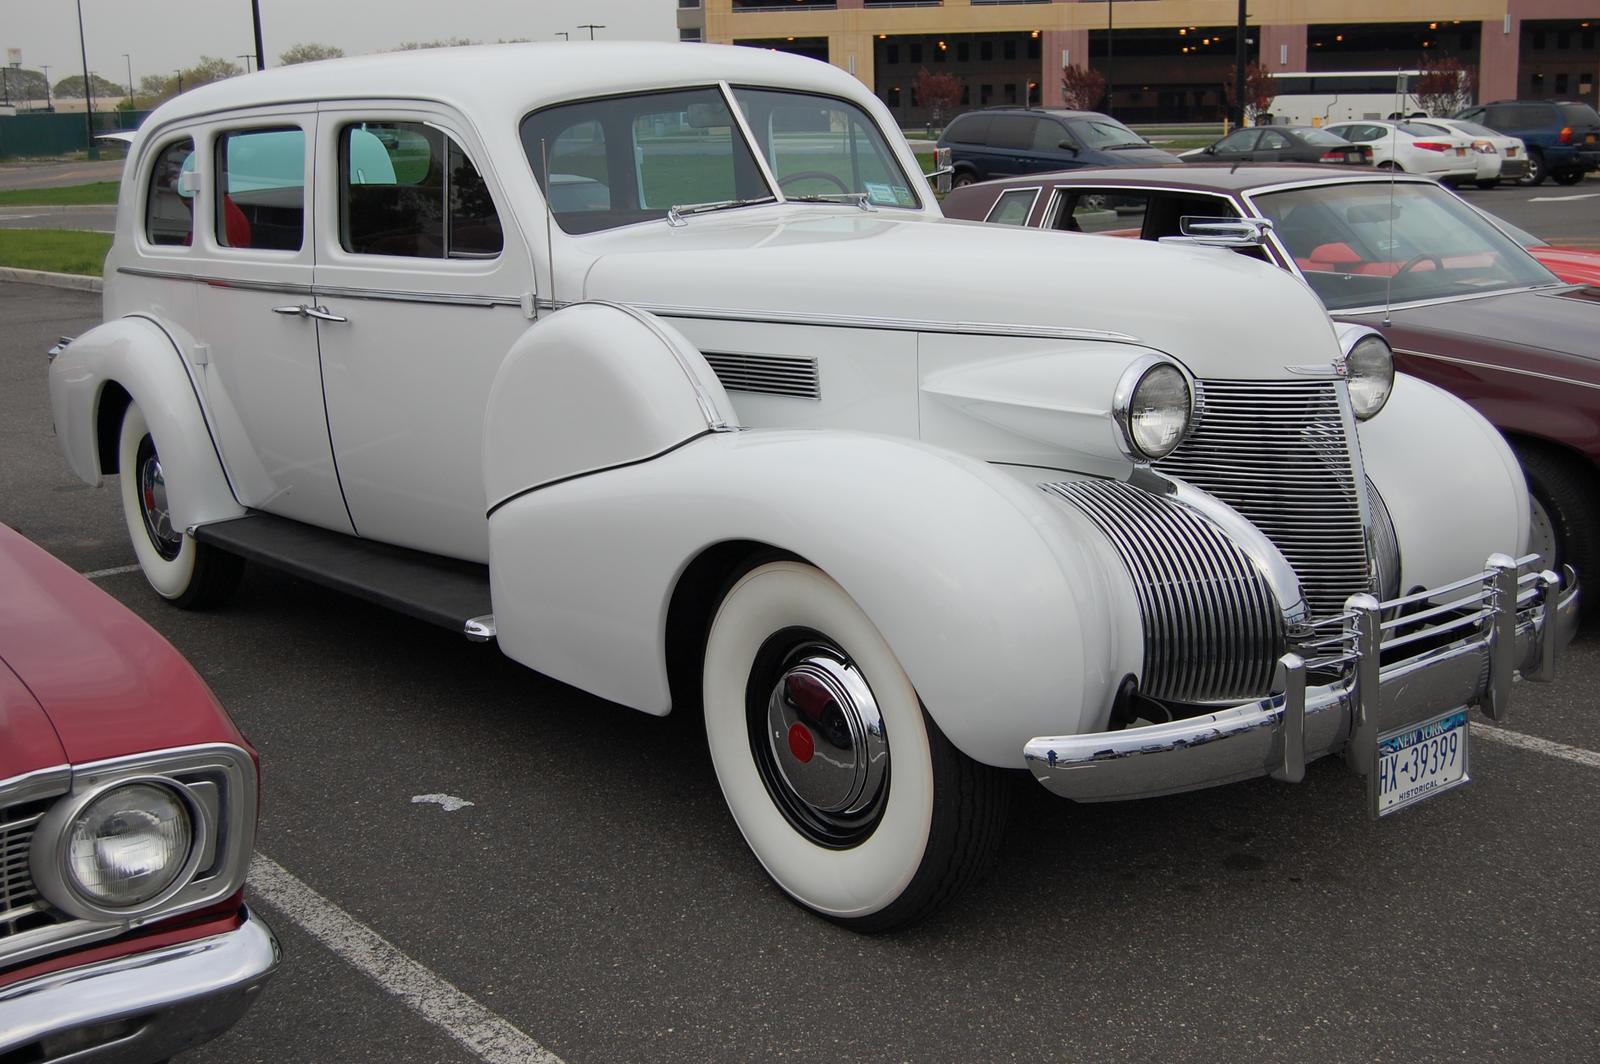 1939 cadillac 4 door sedan iii by hardrocker78 on deviantart for 1939 plymouth sedan 4 door